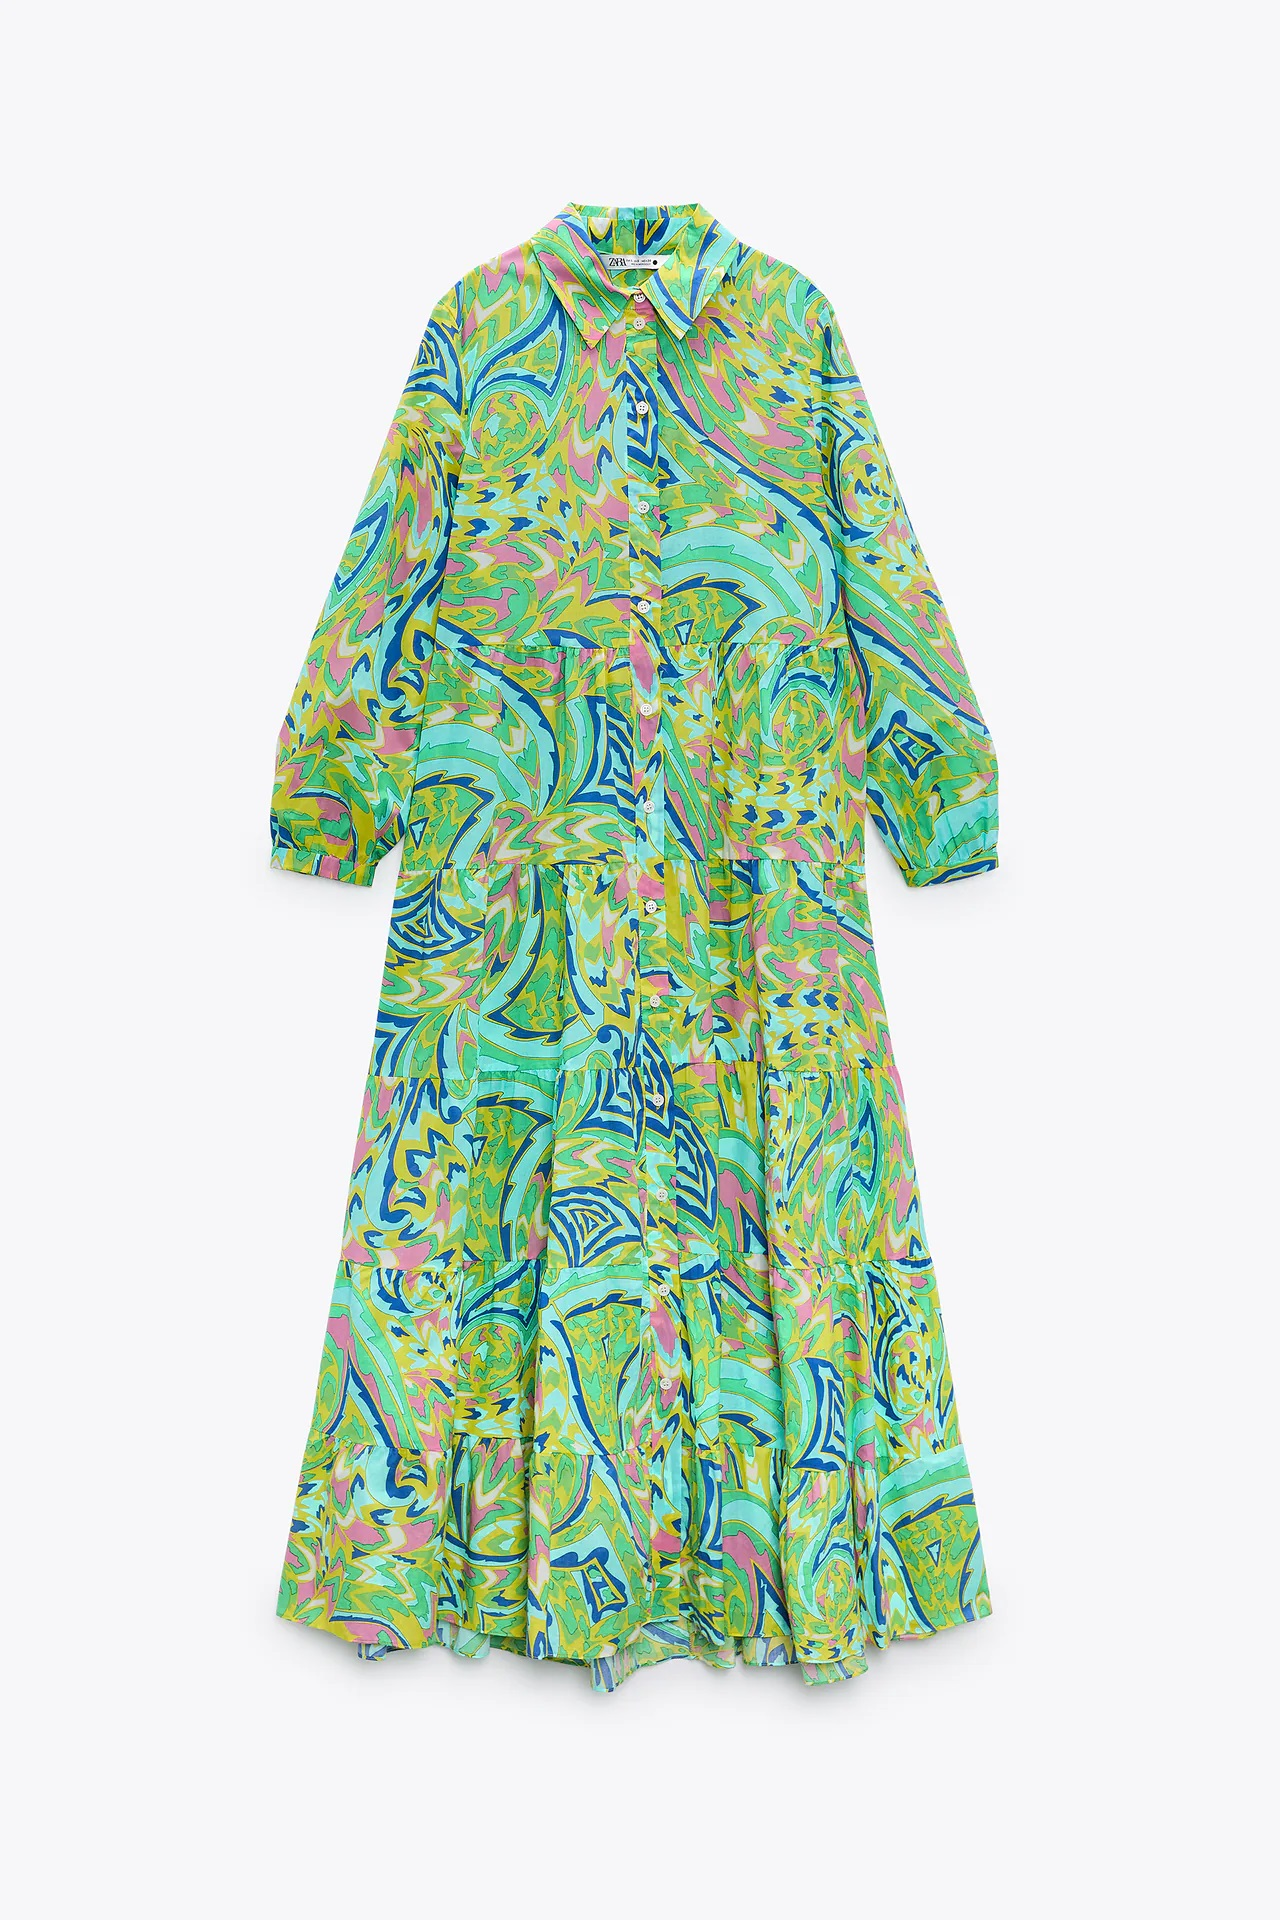 Zara tira la casa por la ventana, vende el vestido de la primavera con bolso incluido